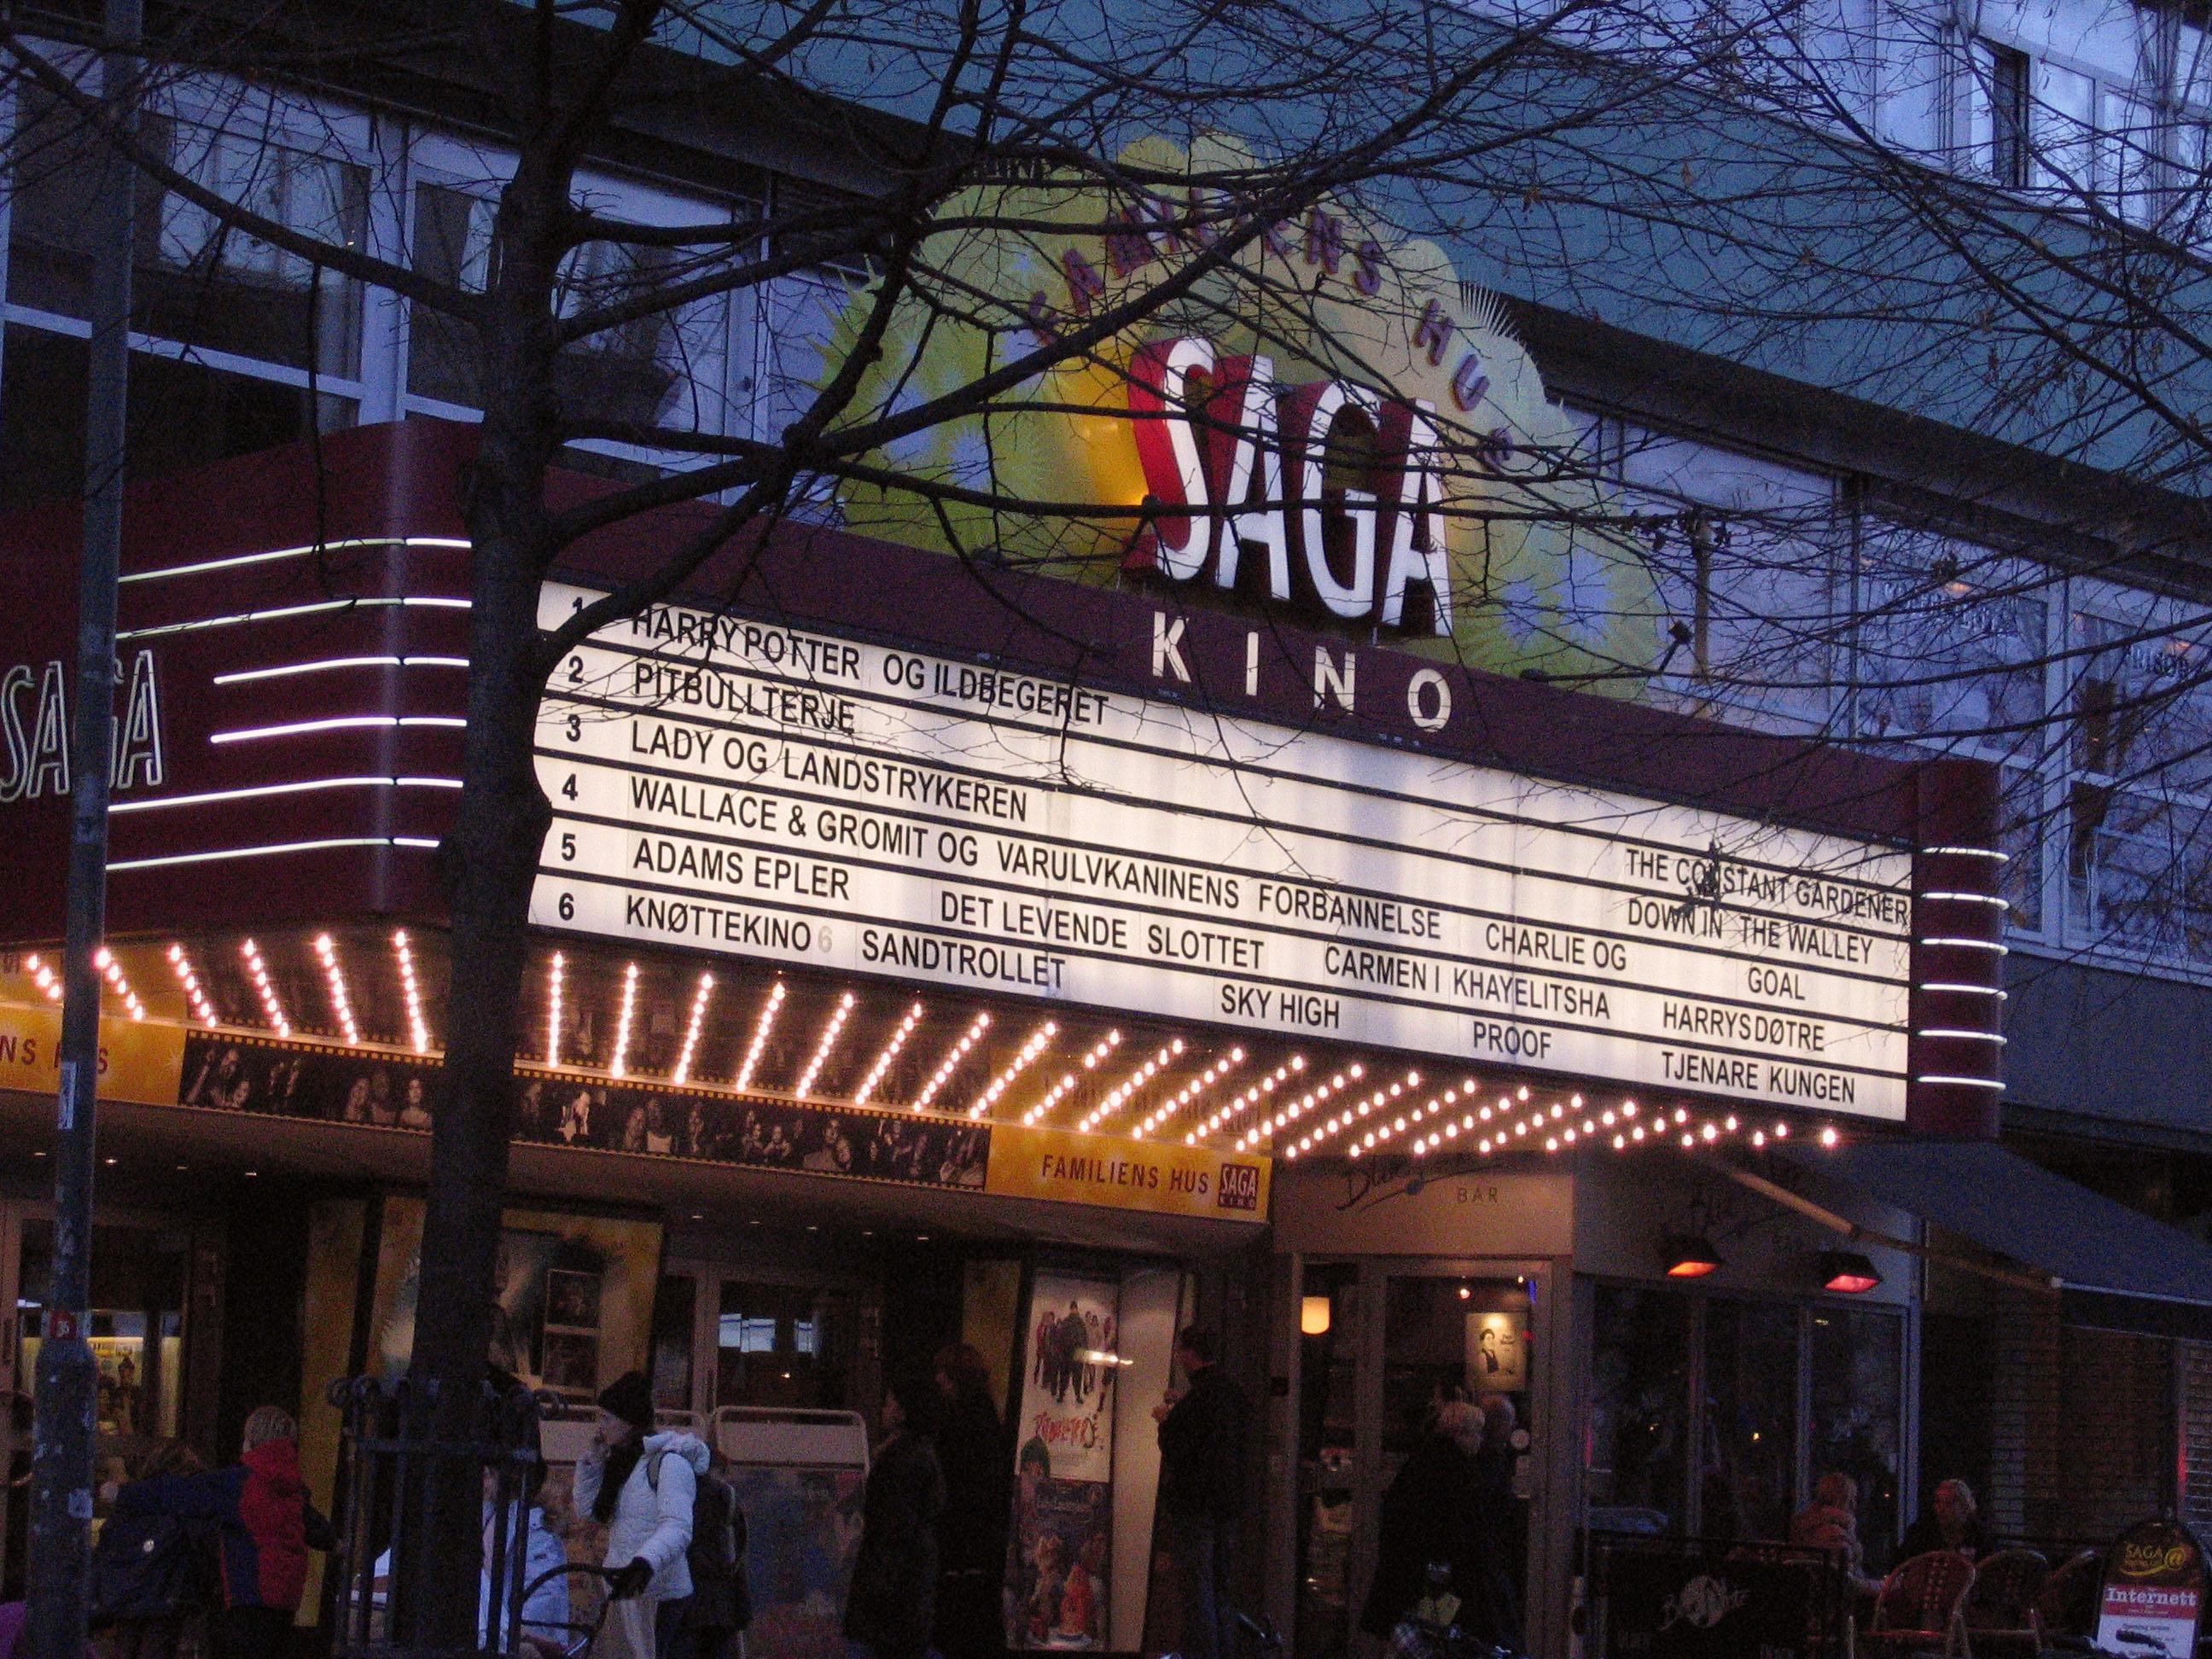 Kino Oslo